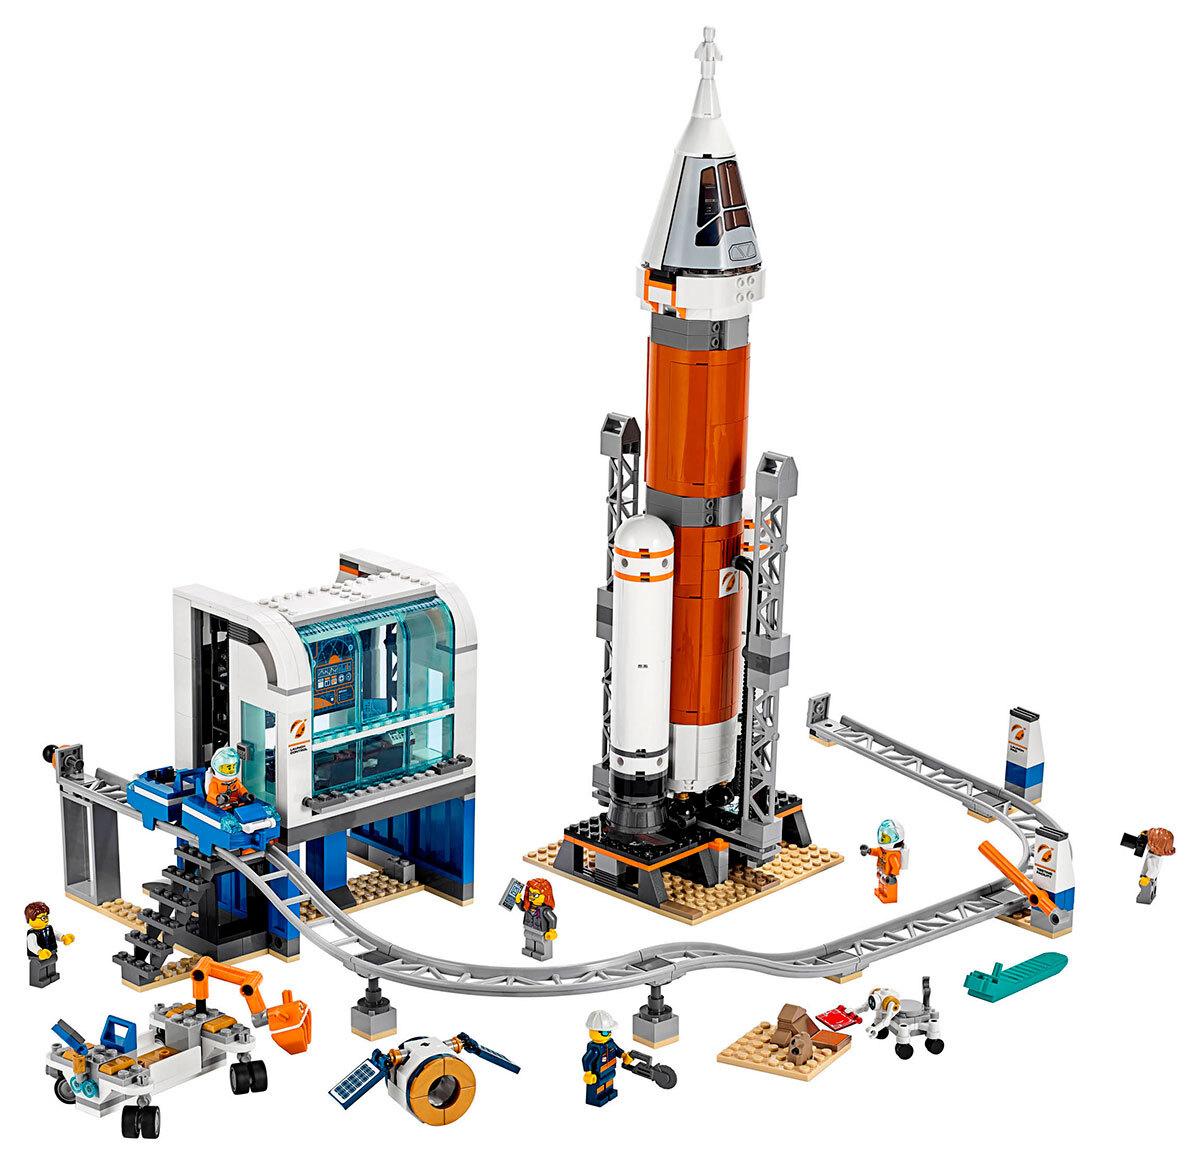 Lego-Apolo-11-5